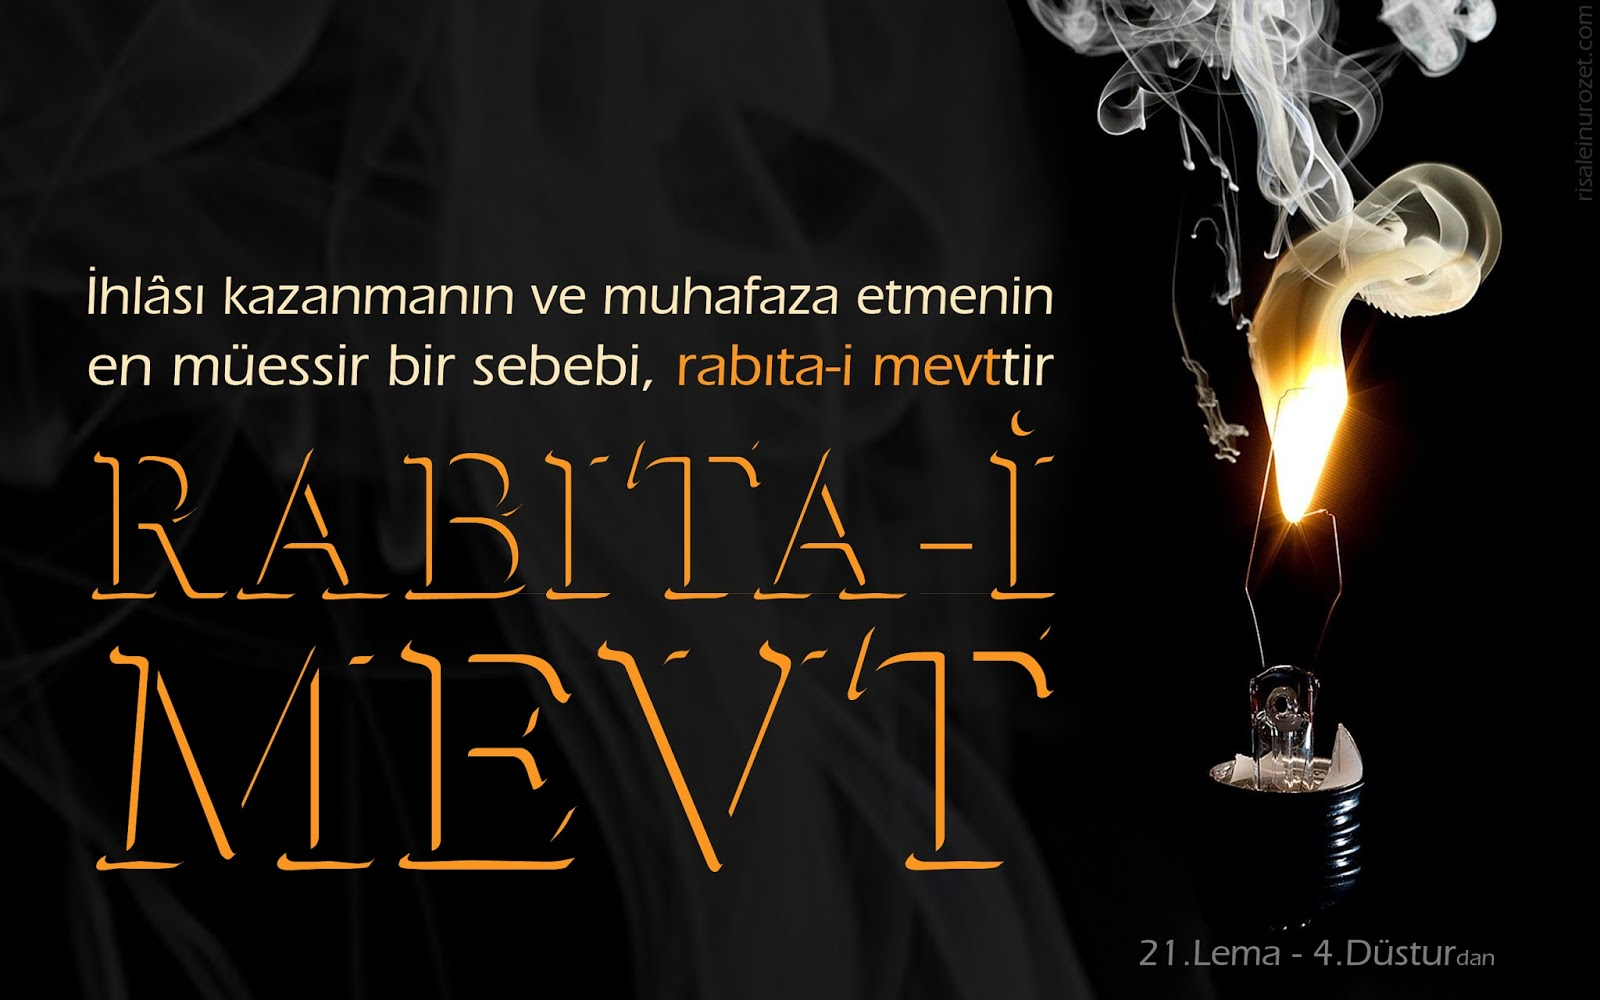 Kur-an ve Sünnette Emredilen Rabıtalardan Biri de Ölüm Rabıtasıdır